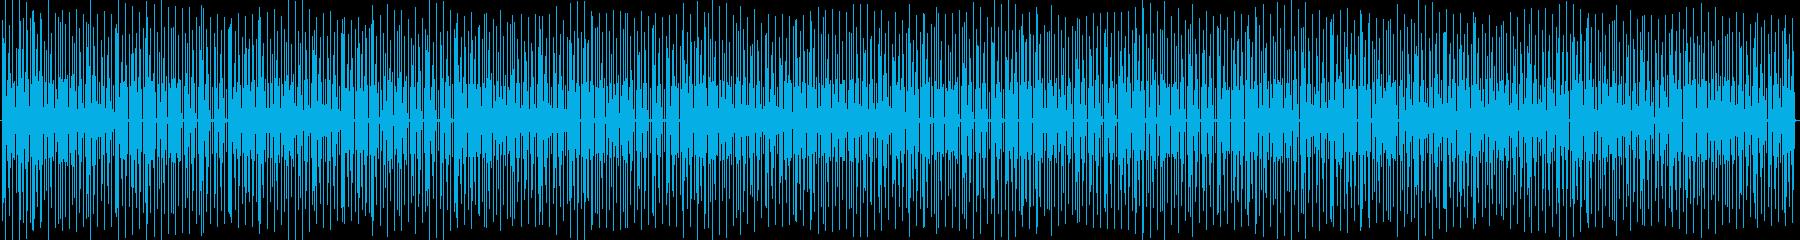 90年代初期Jazz Hip Hopの再生済みの波形